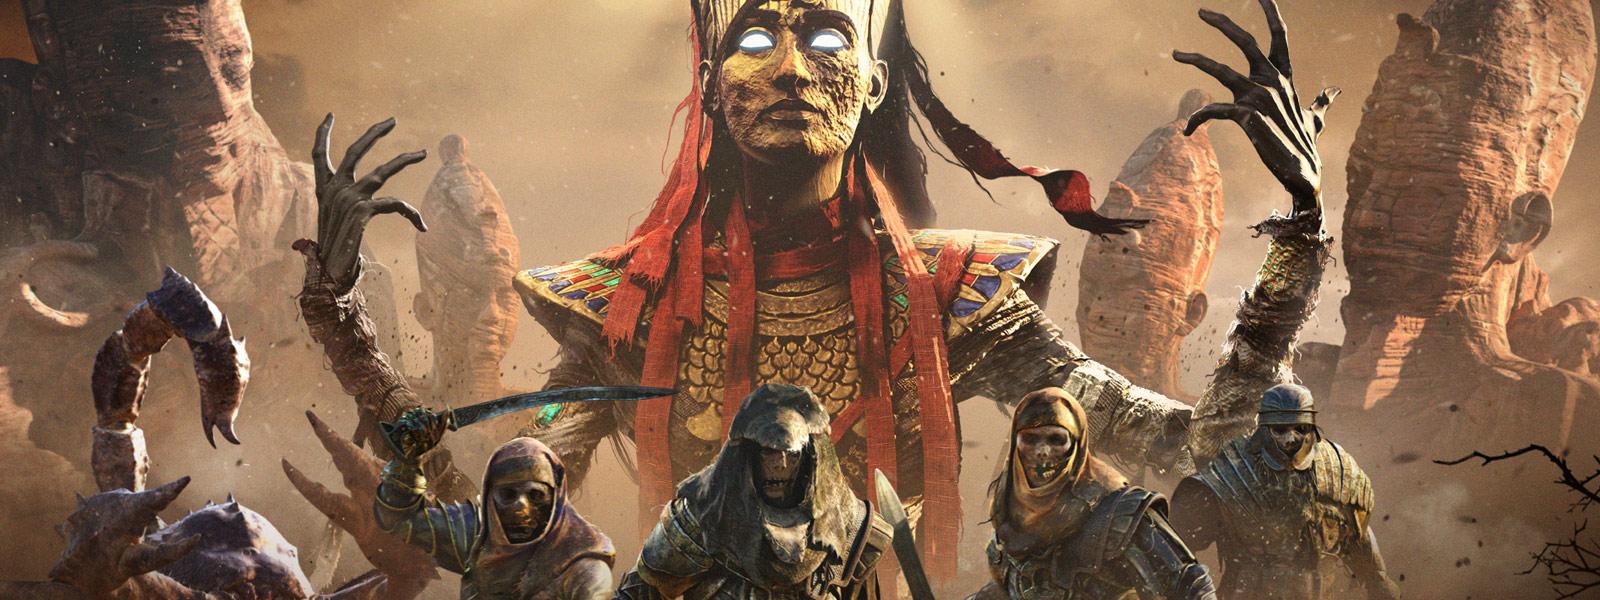 En vandød hær står foran en vandød Farao med armene løftet opp